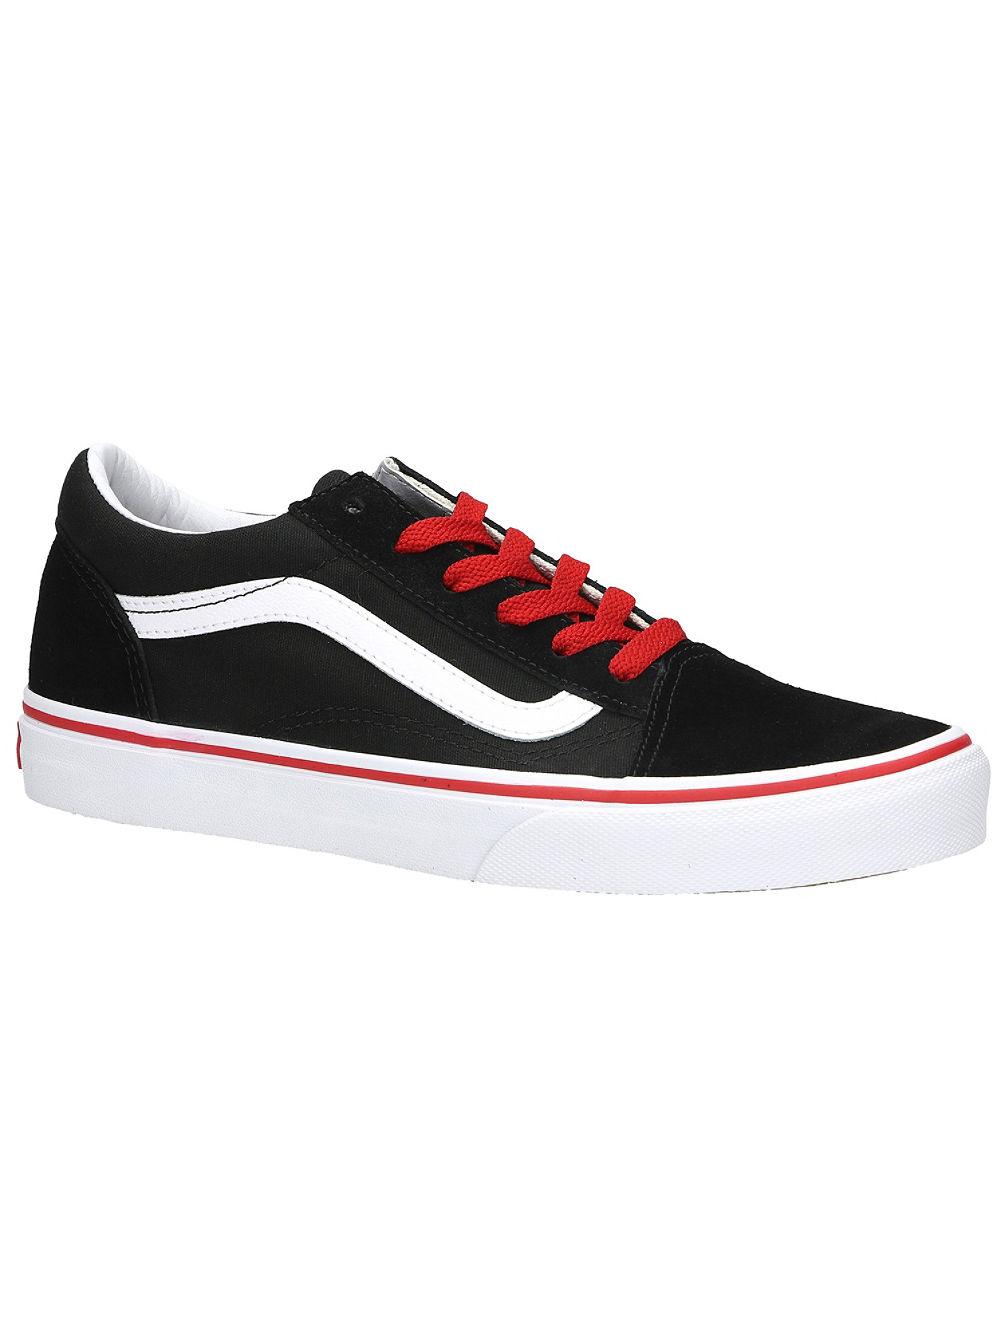 105dc2540761 Buy Vans Pop Old Skool Sneakers online at Blue Tomato